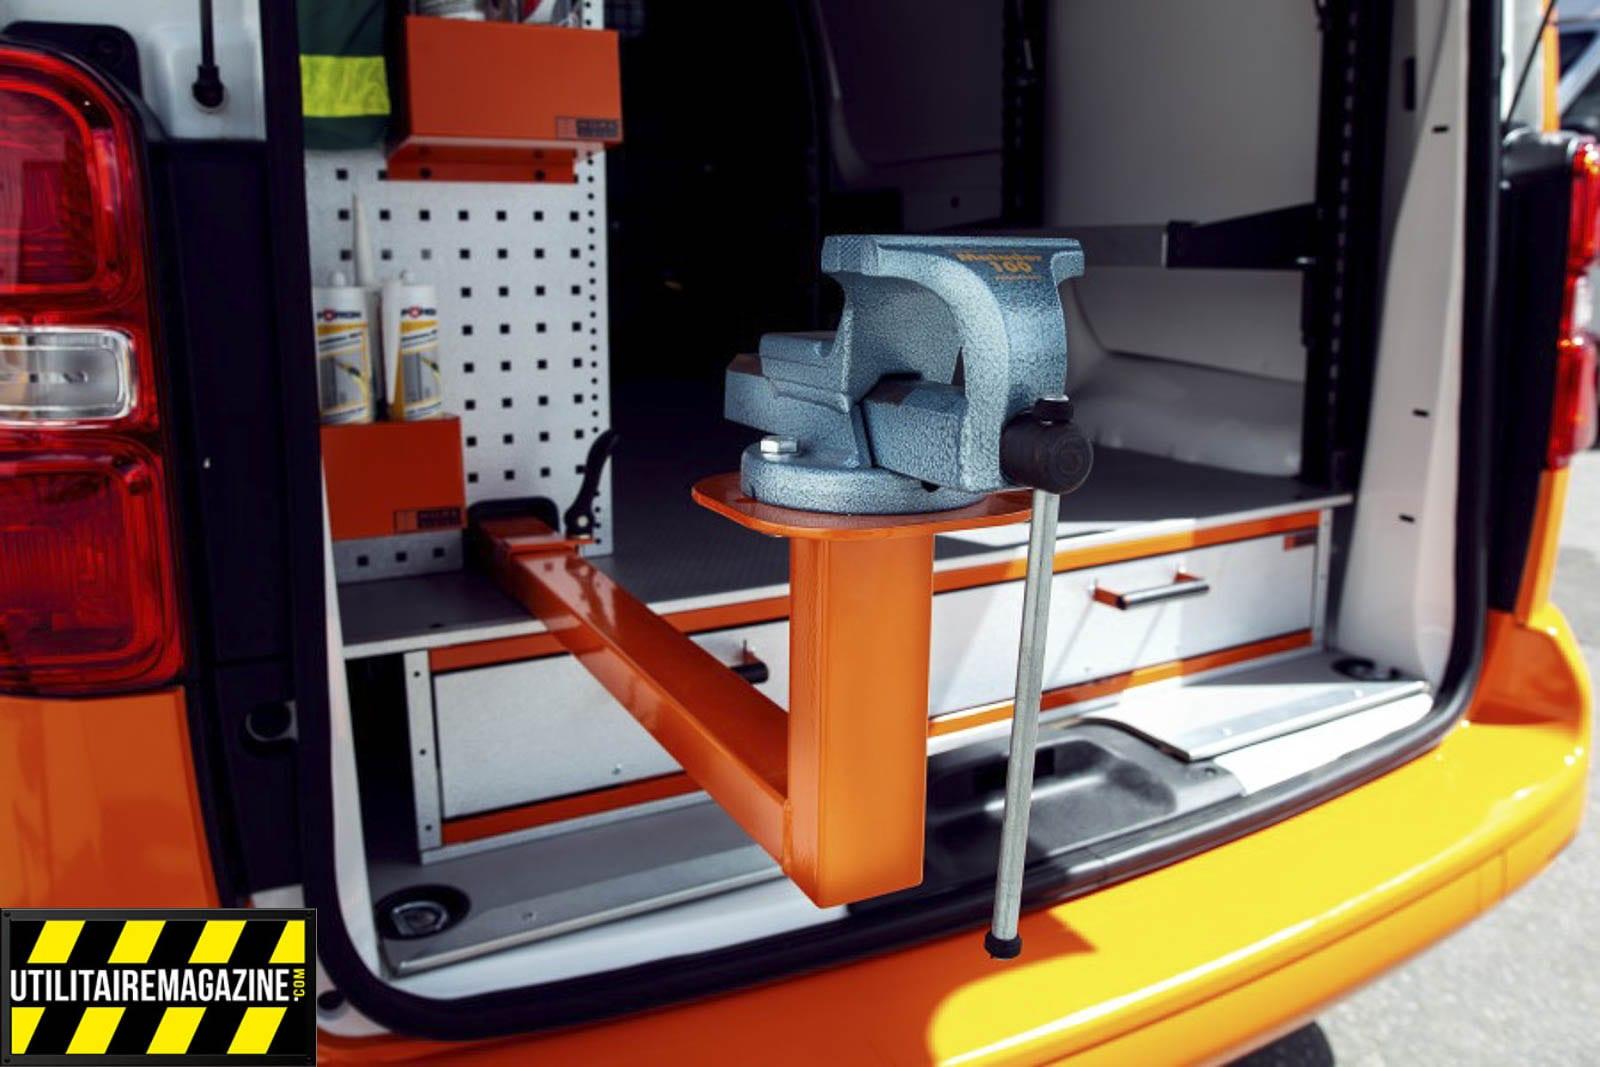 Aménagement utilitaire Work System, un étau qui se déplie à l'extérieur du fourgon